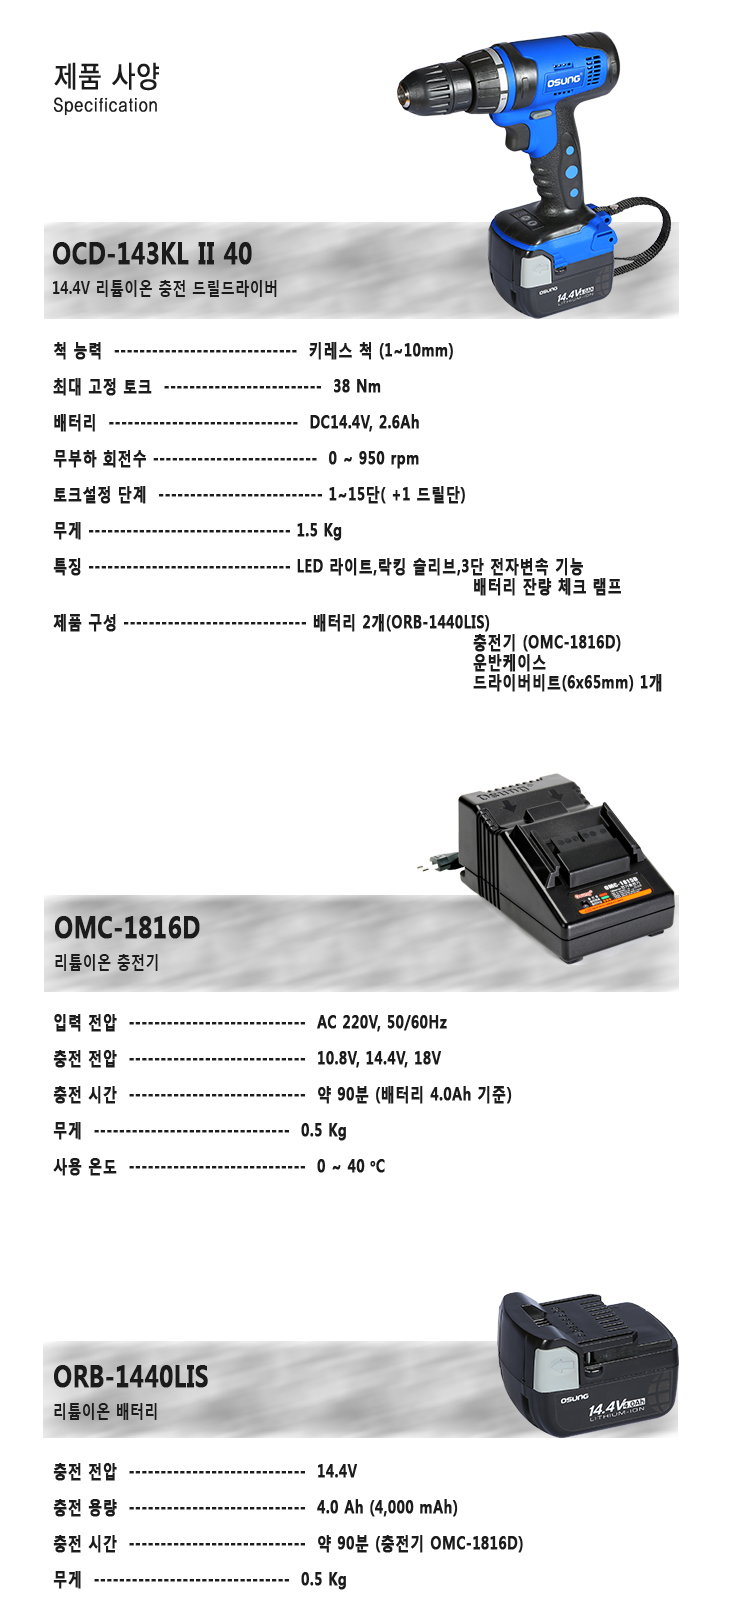 (주)오에스씨 충전 드릴드라이버, 14.4V, 4.0Ah OCD-143KL II 40 3